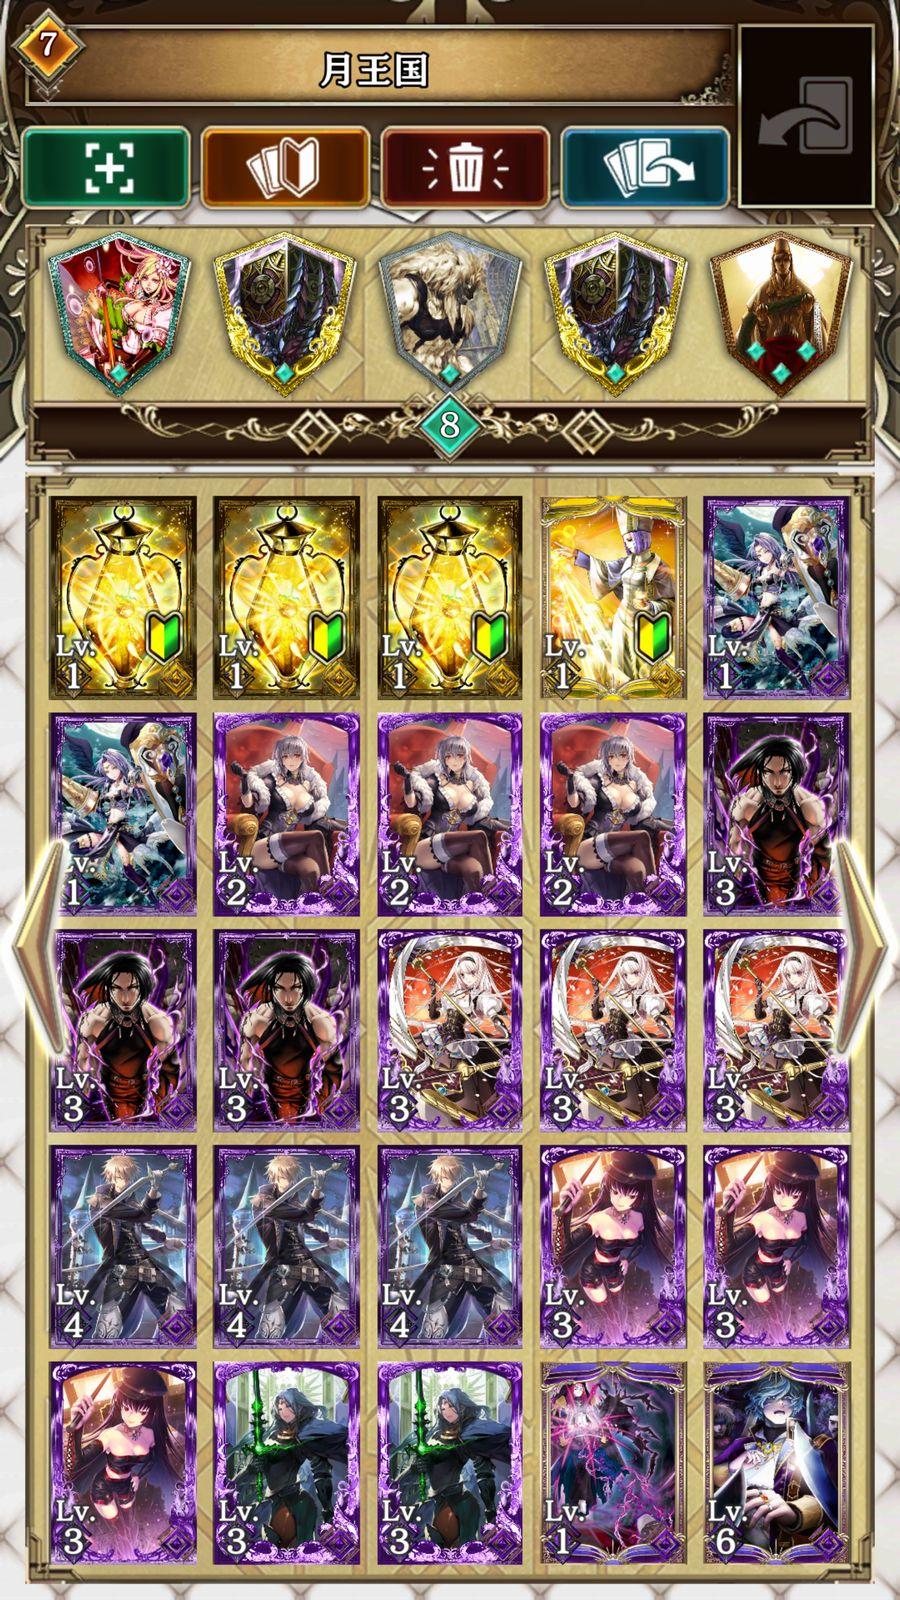 アルネオ【攻略】: 神官や人魚が強化!「覚醒の序奏曲」新カードを使ったおすすめデッキ